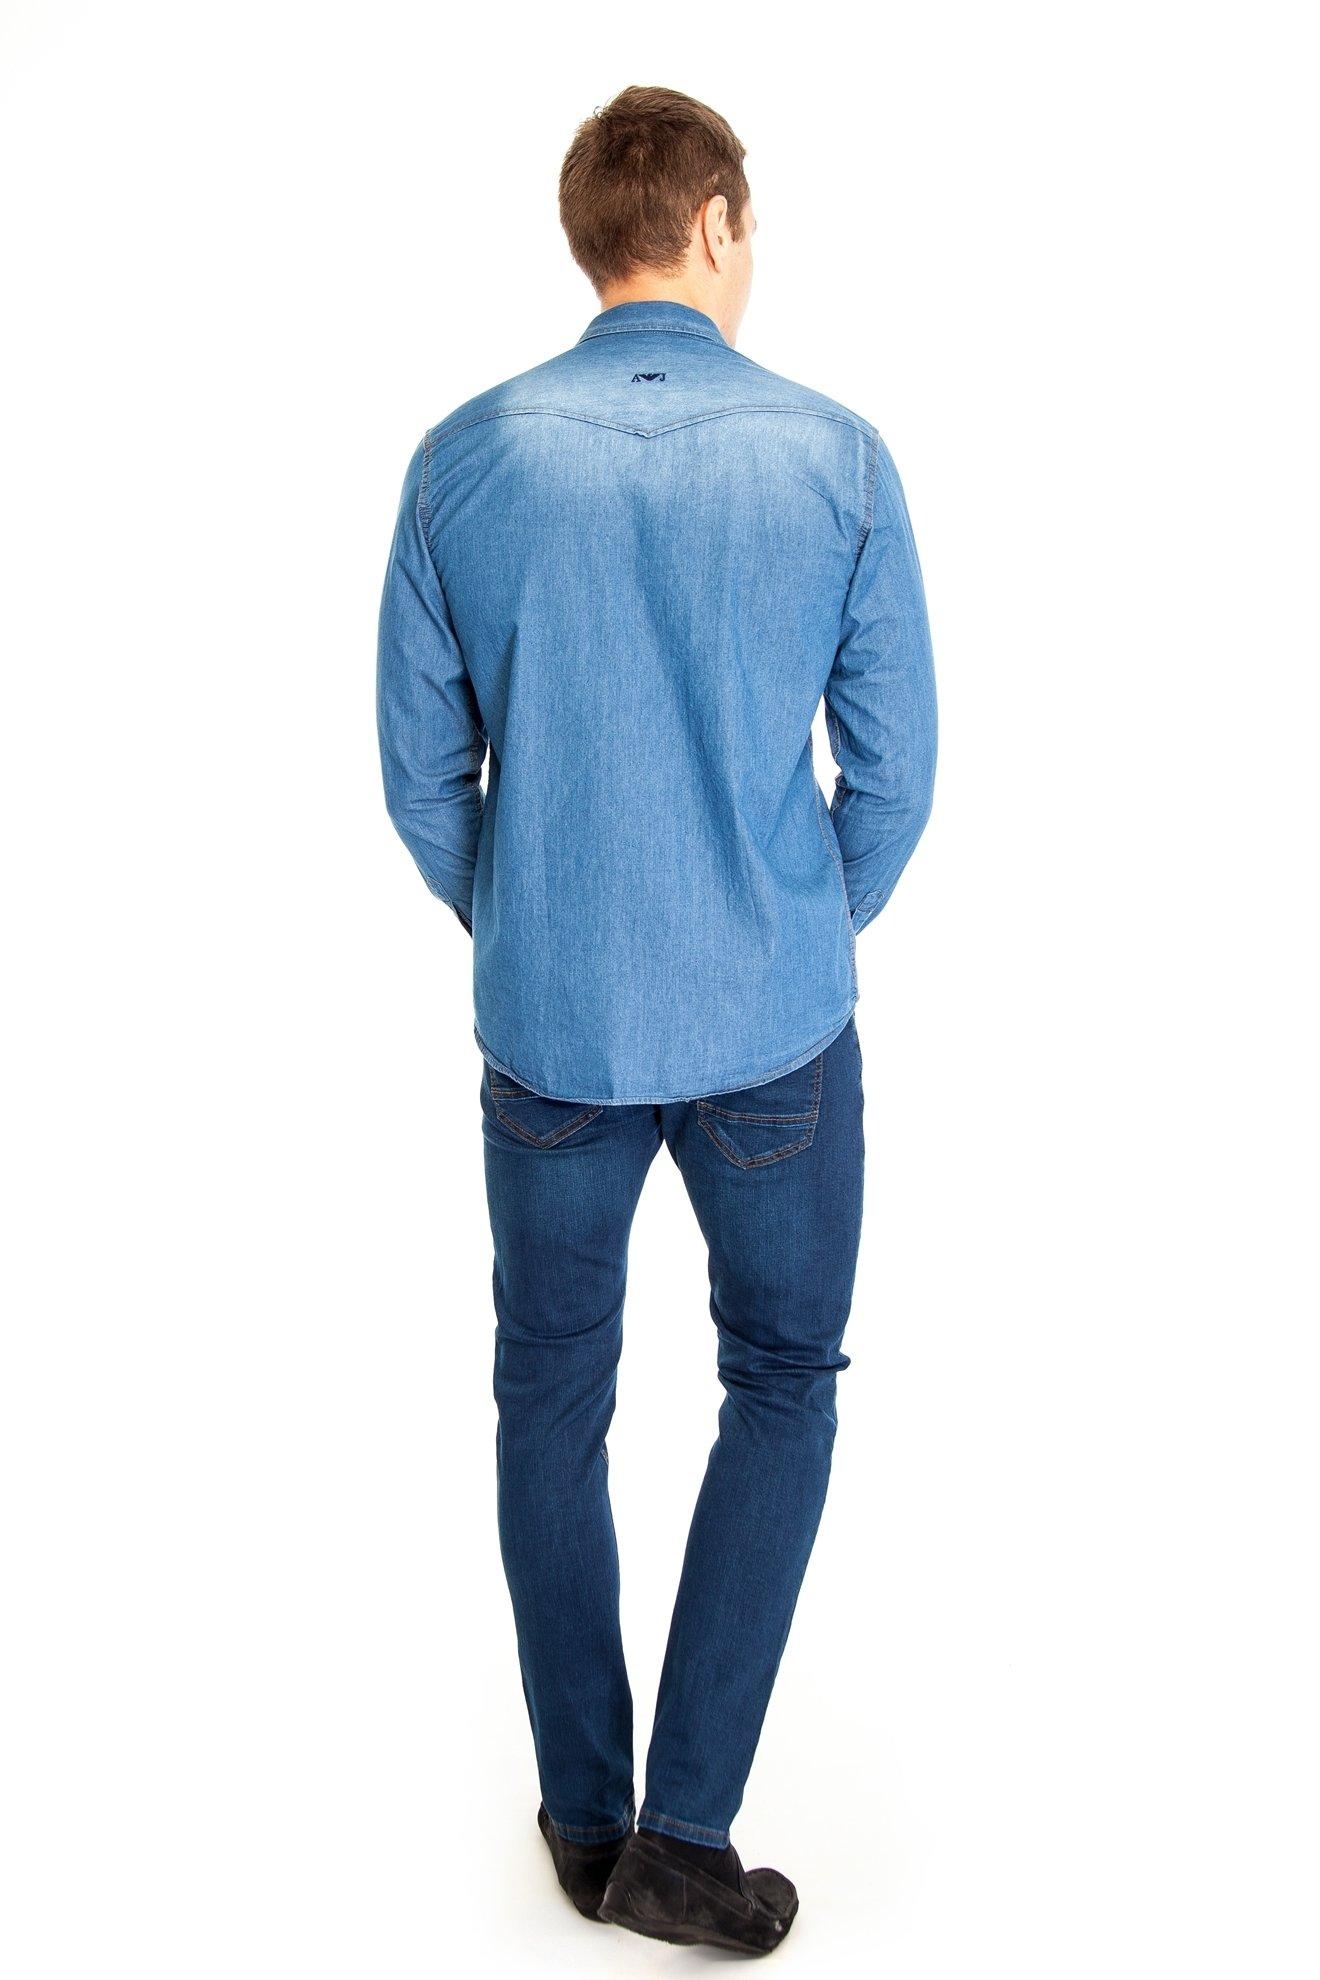 Джинсовая приталенная рубашка, длинный рукав (Арт. T 2577)